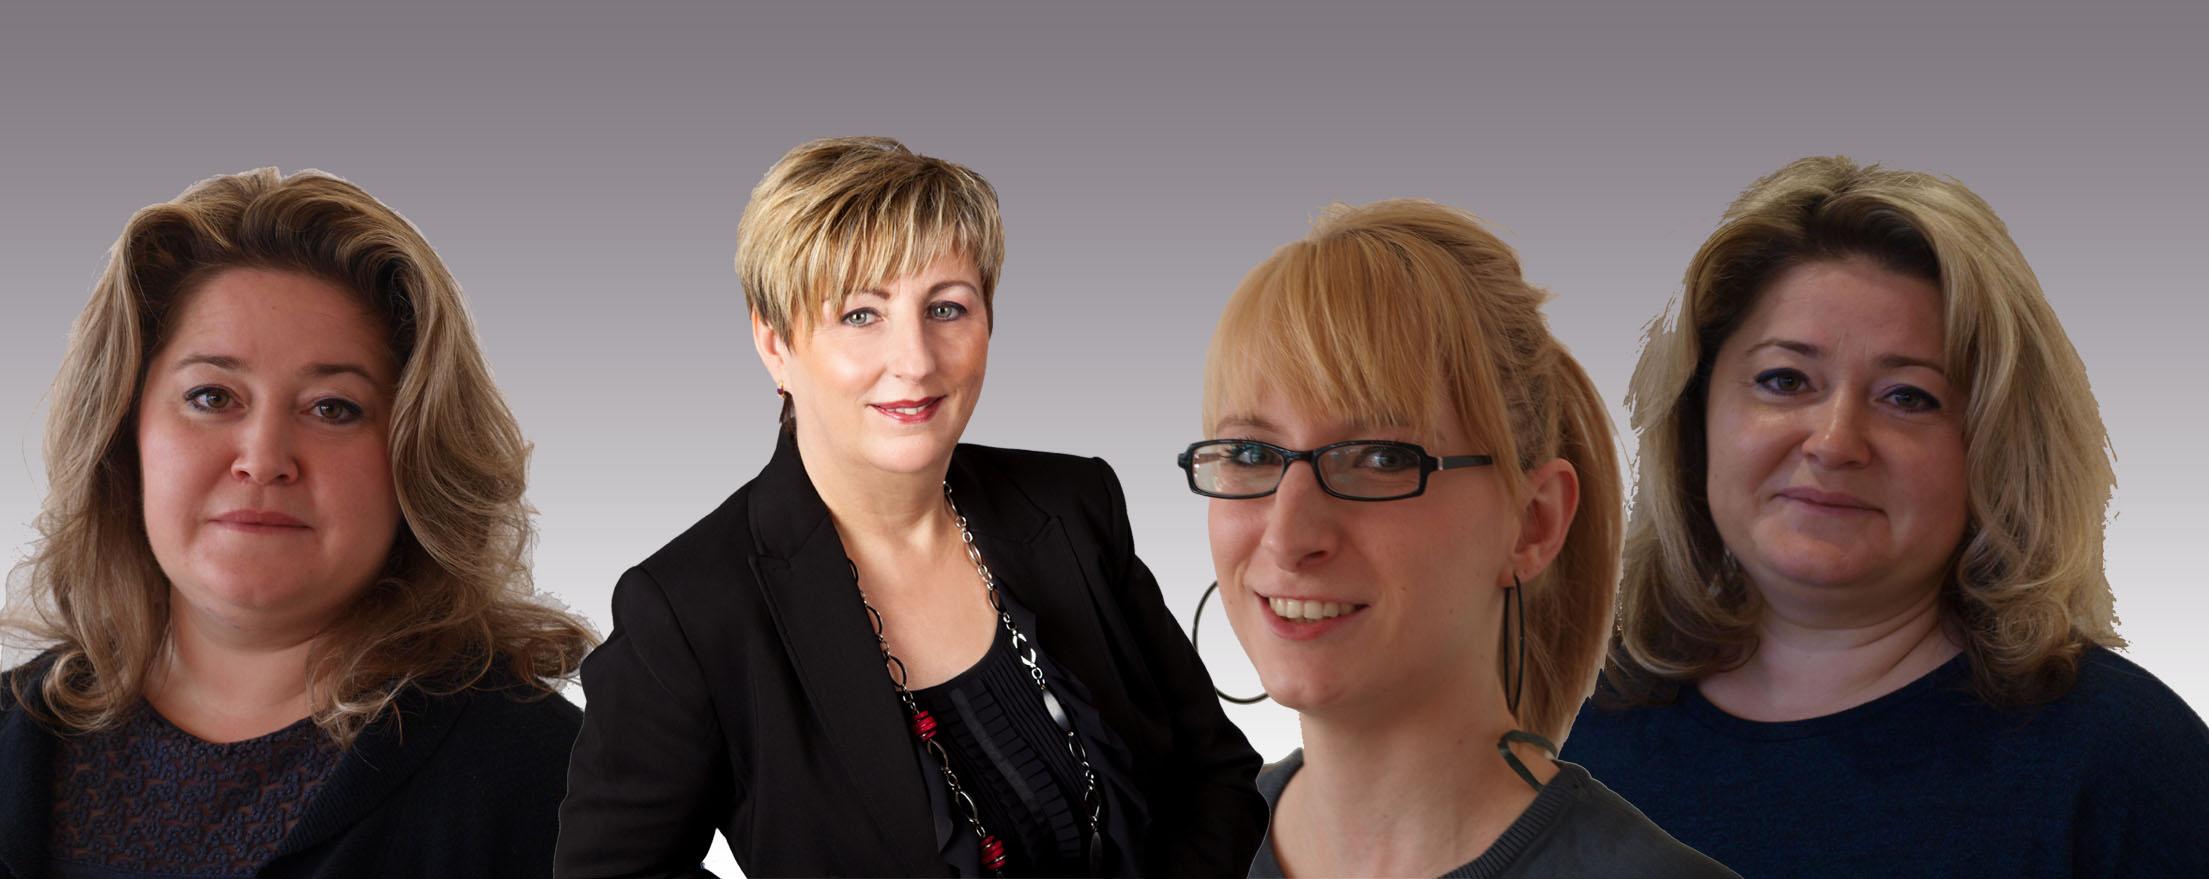 Friseur-Schliersee-Team